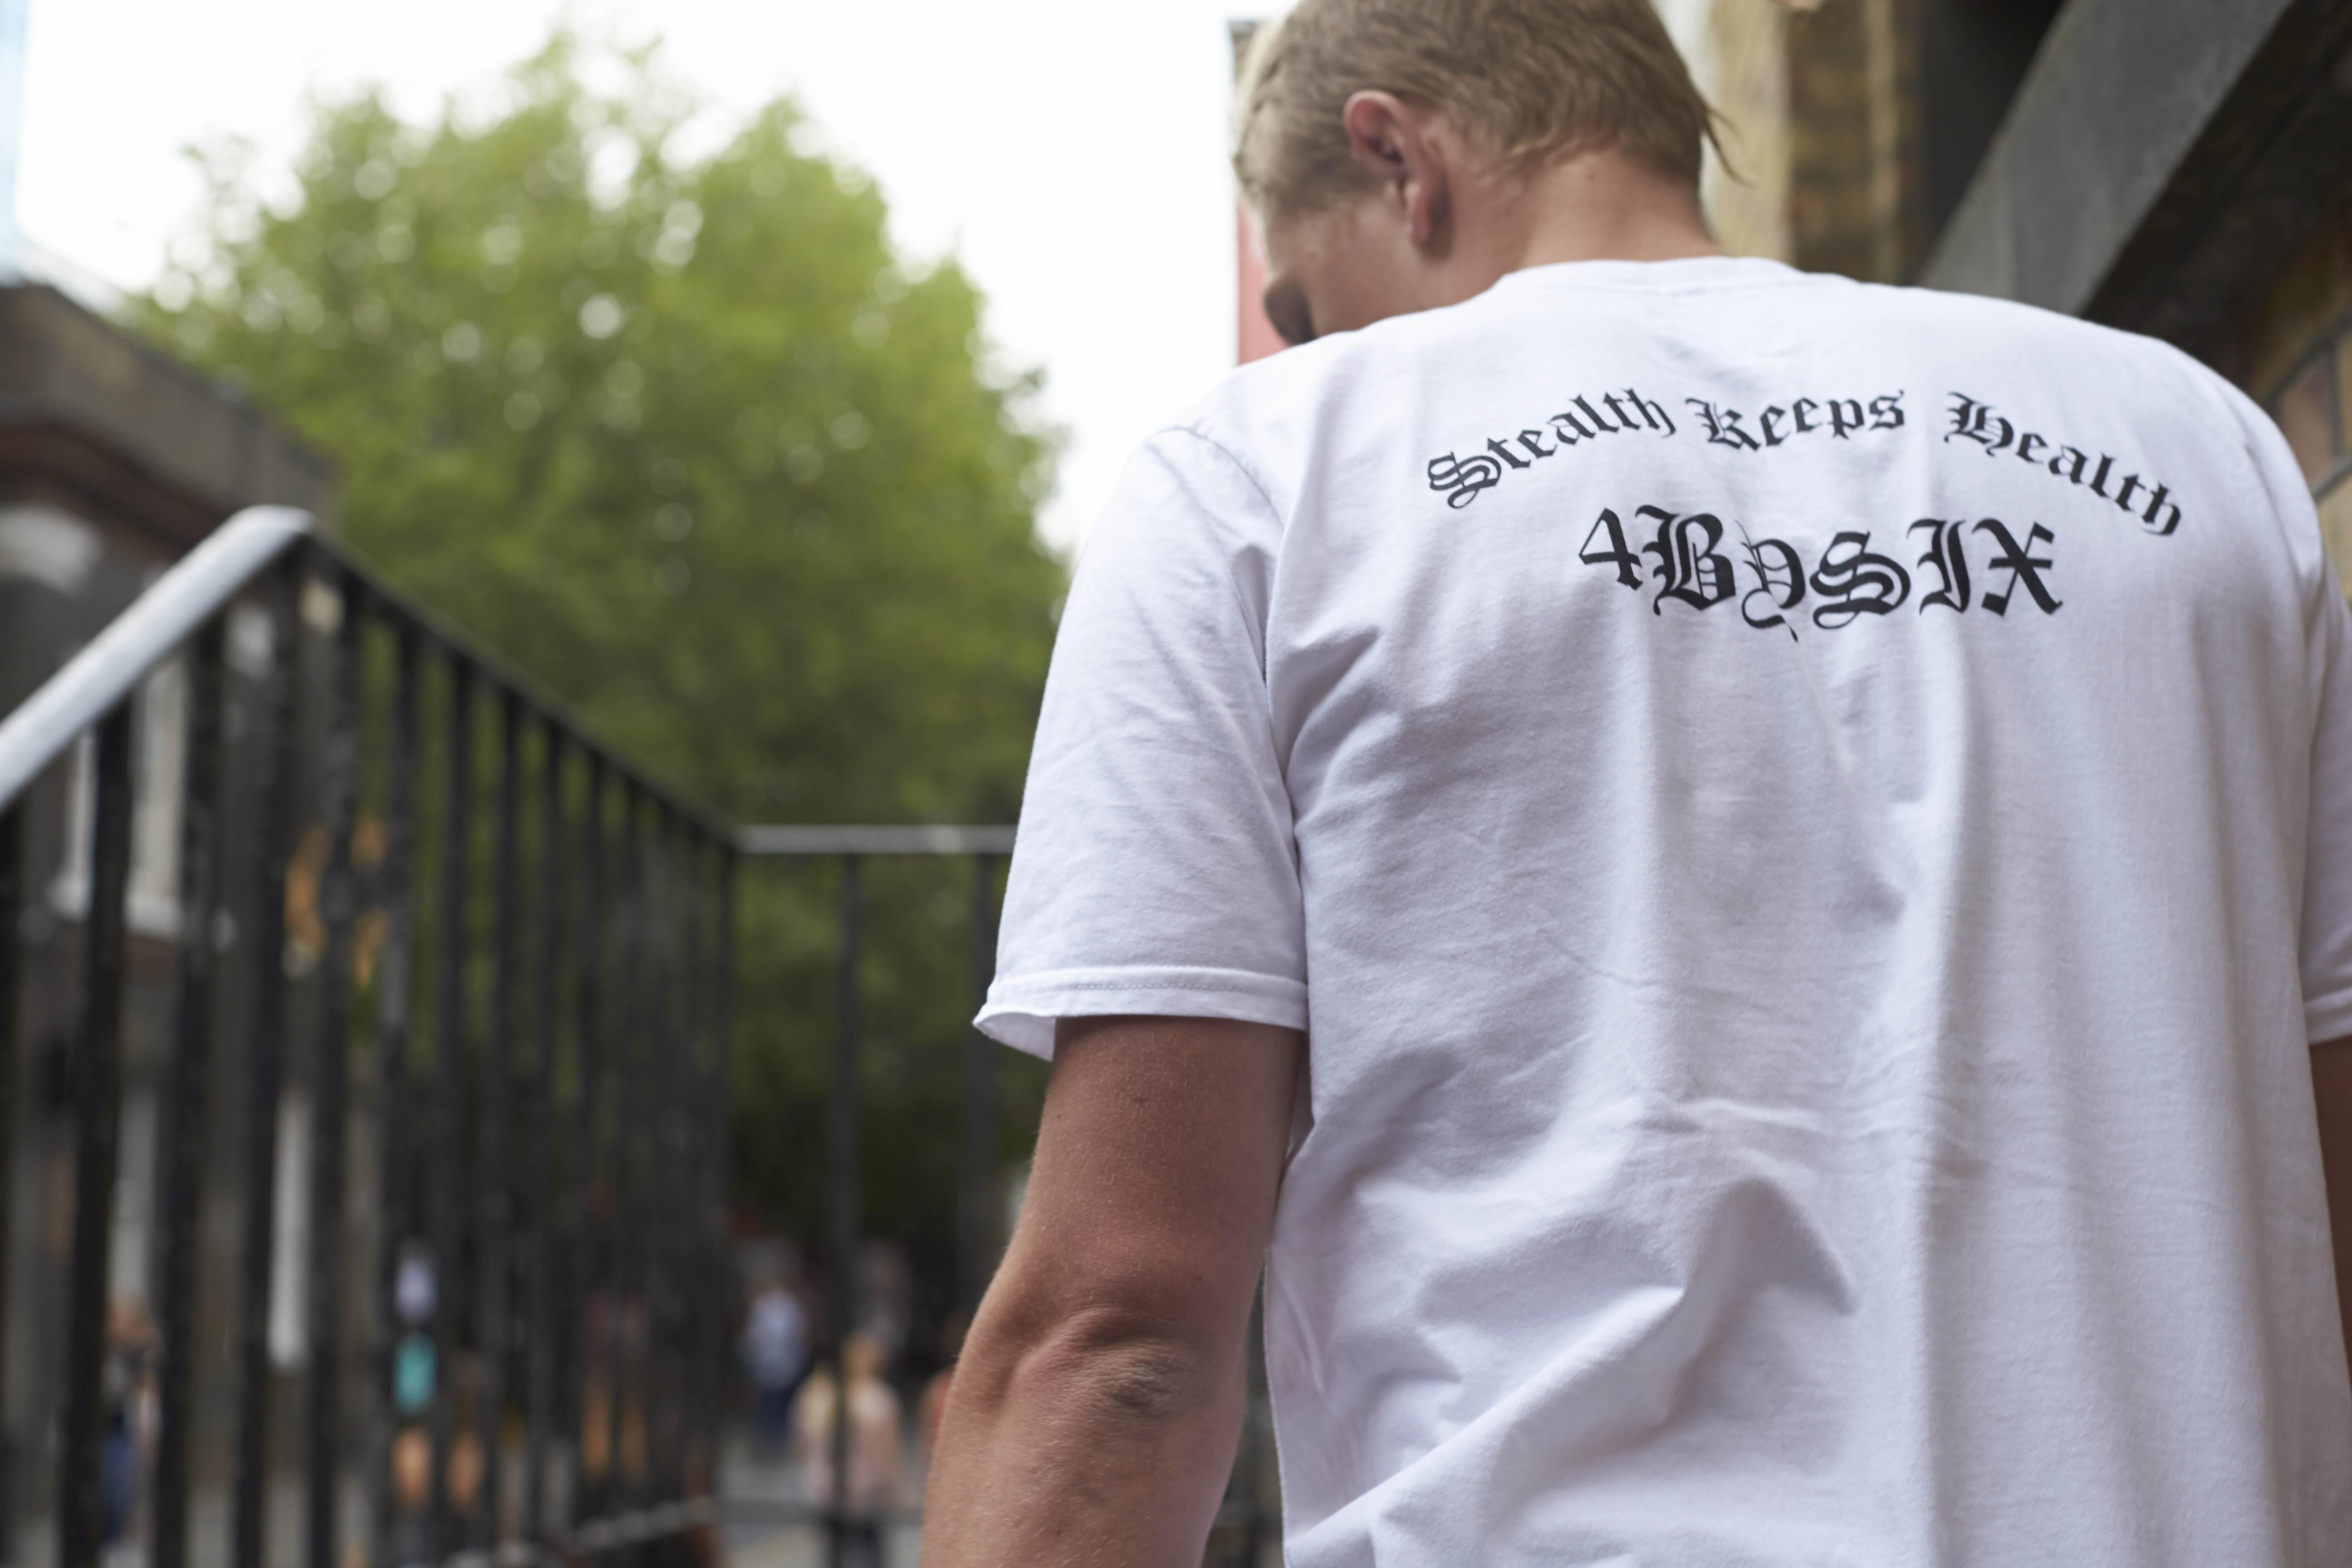 4BYSIX_The_System_Shirt_alex_dawber